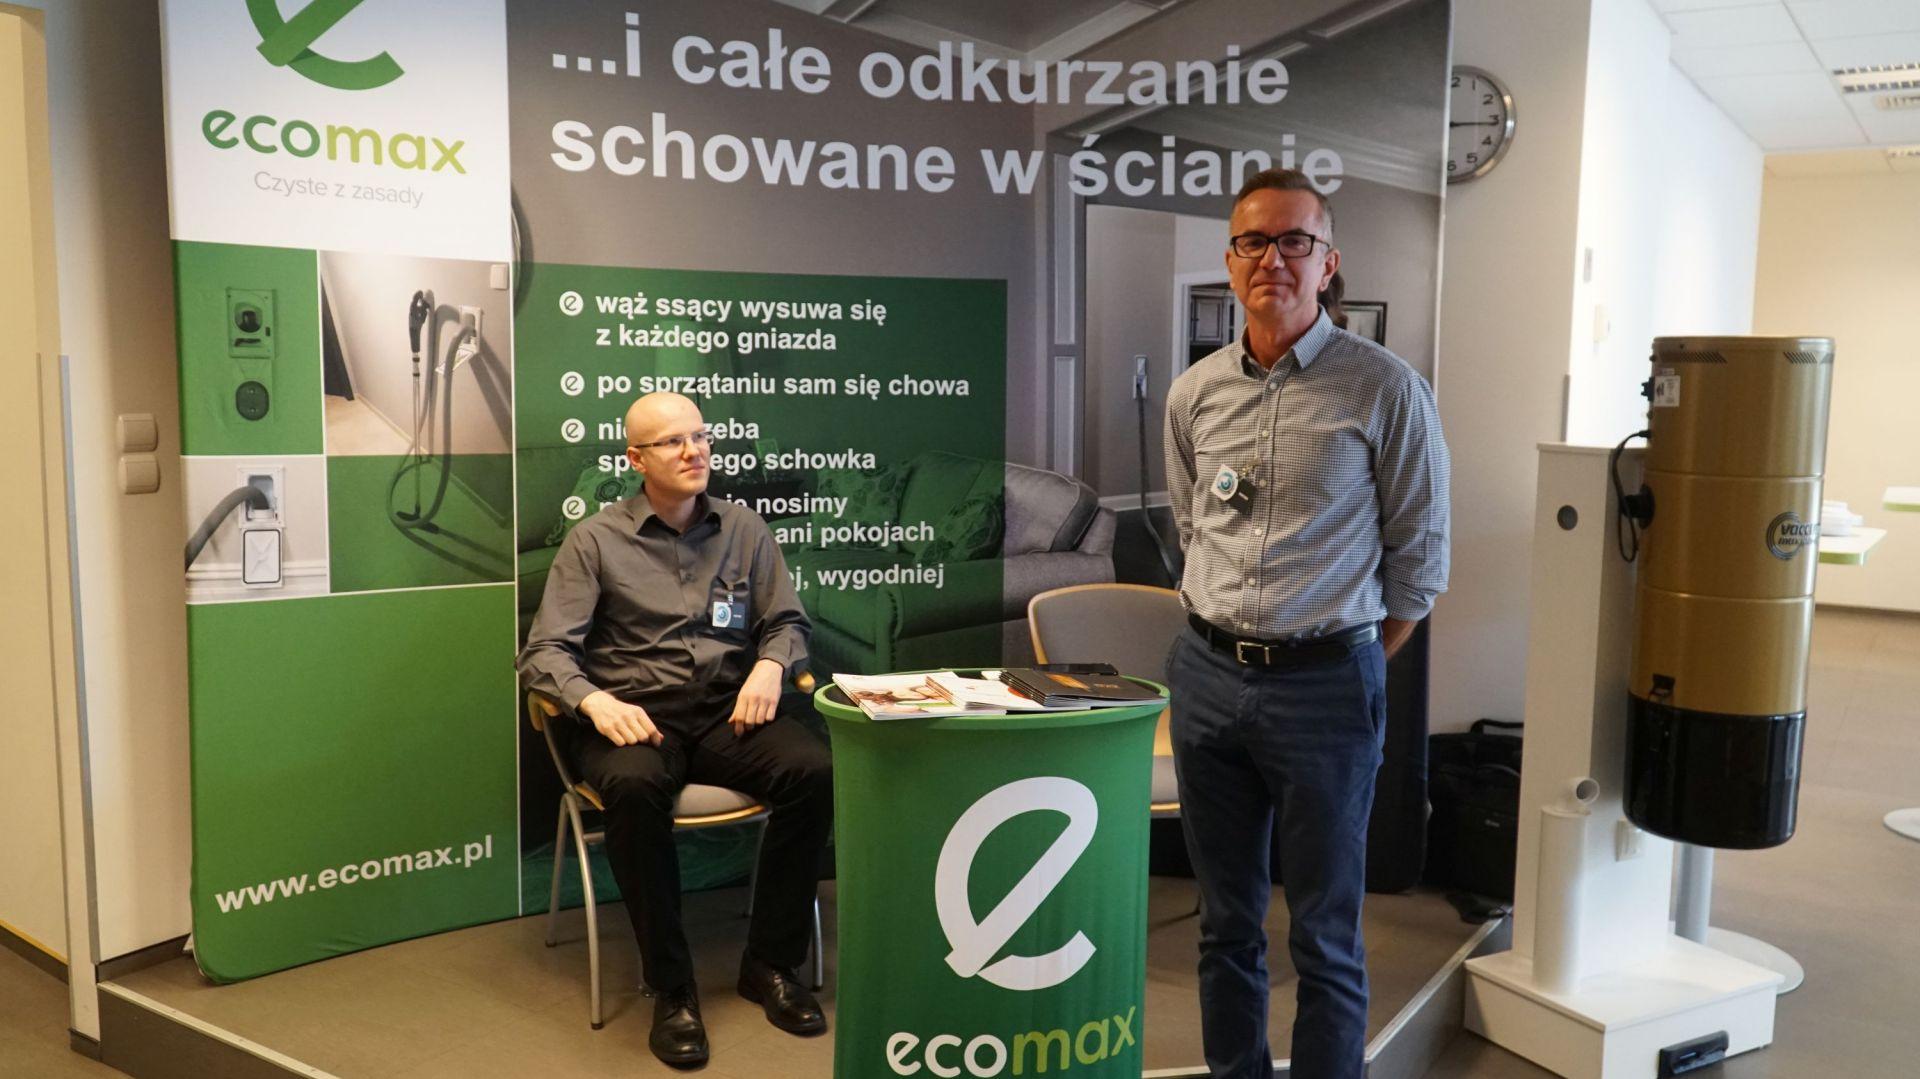 Studio Dobrych Rozwiązań w Warszawie 26 września 2018. Stoisko firmy Ecomax